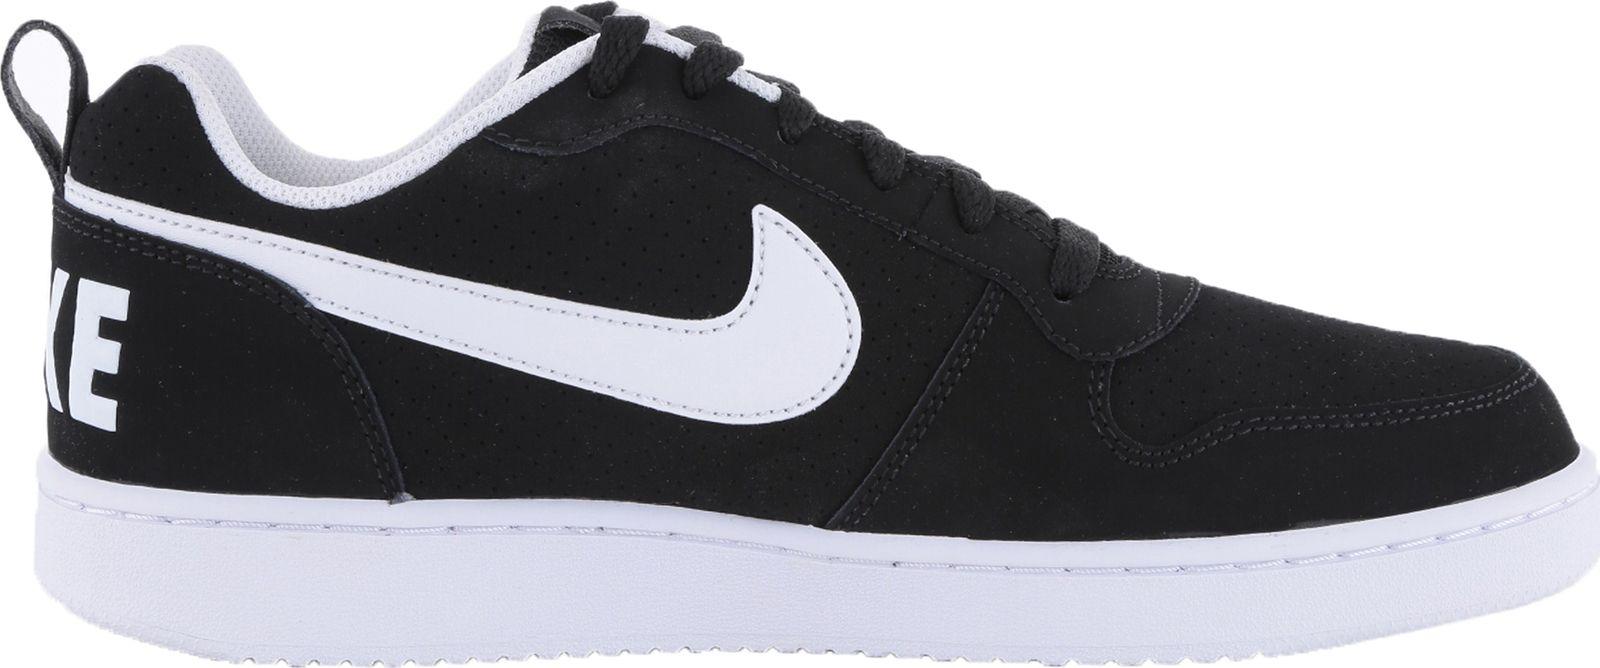 Nike Court Borough Low Black/White ...